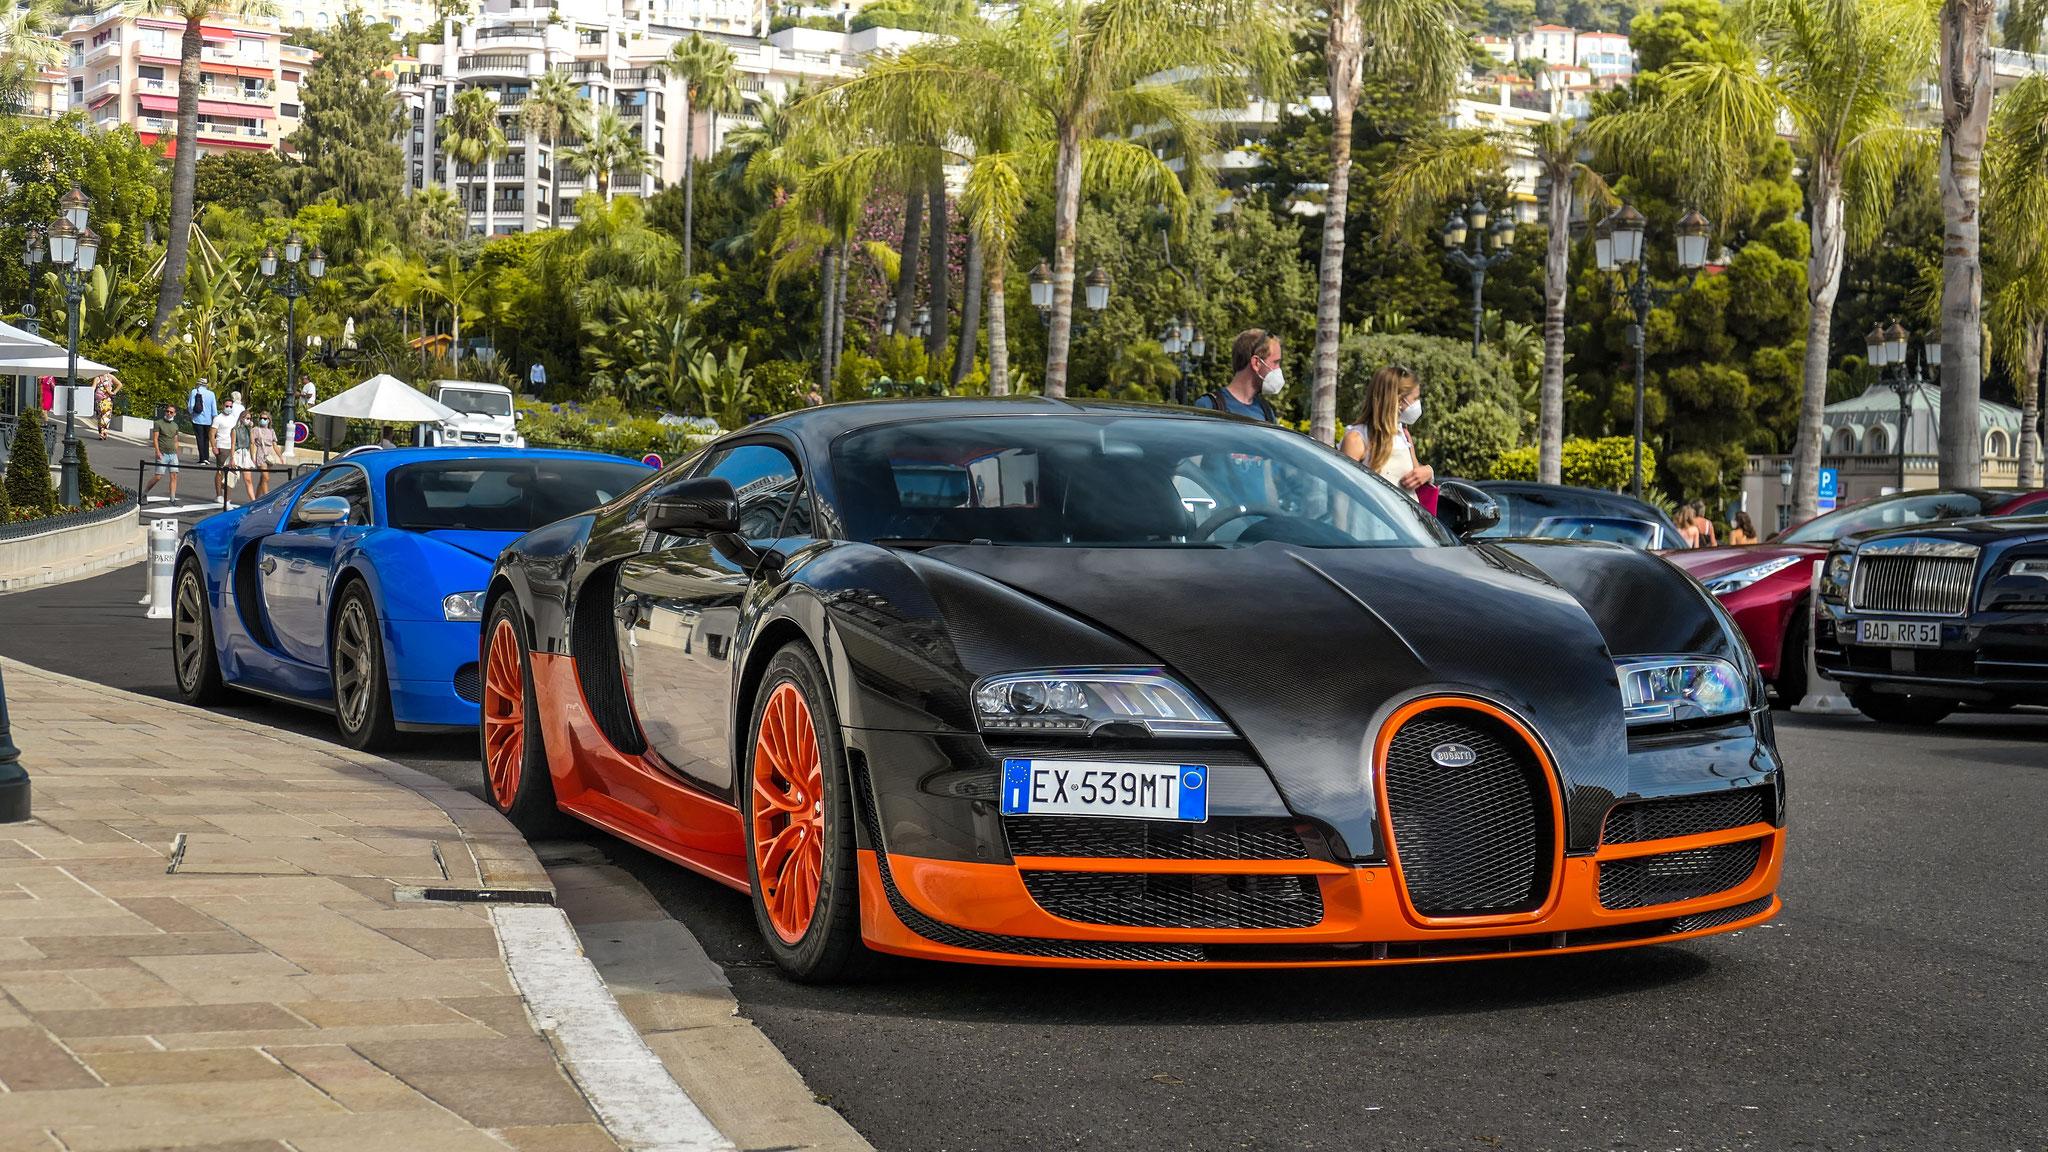 Bugatti Veyron Super Sport WRE - EX-539-MT (ITA)